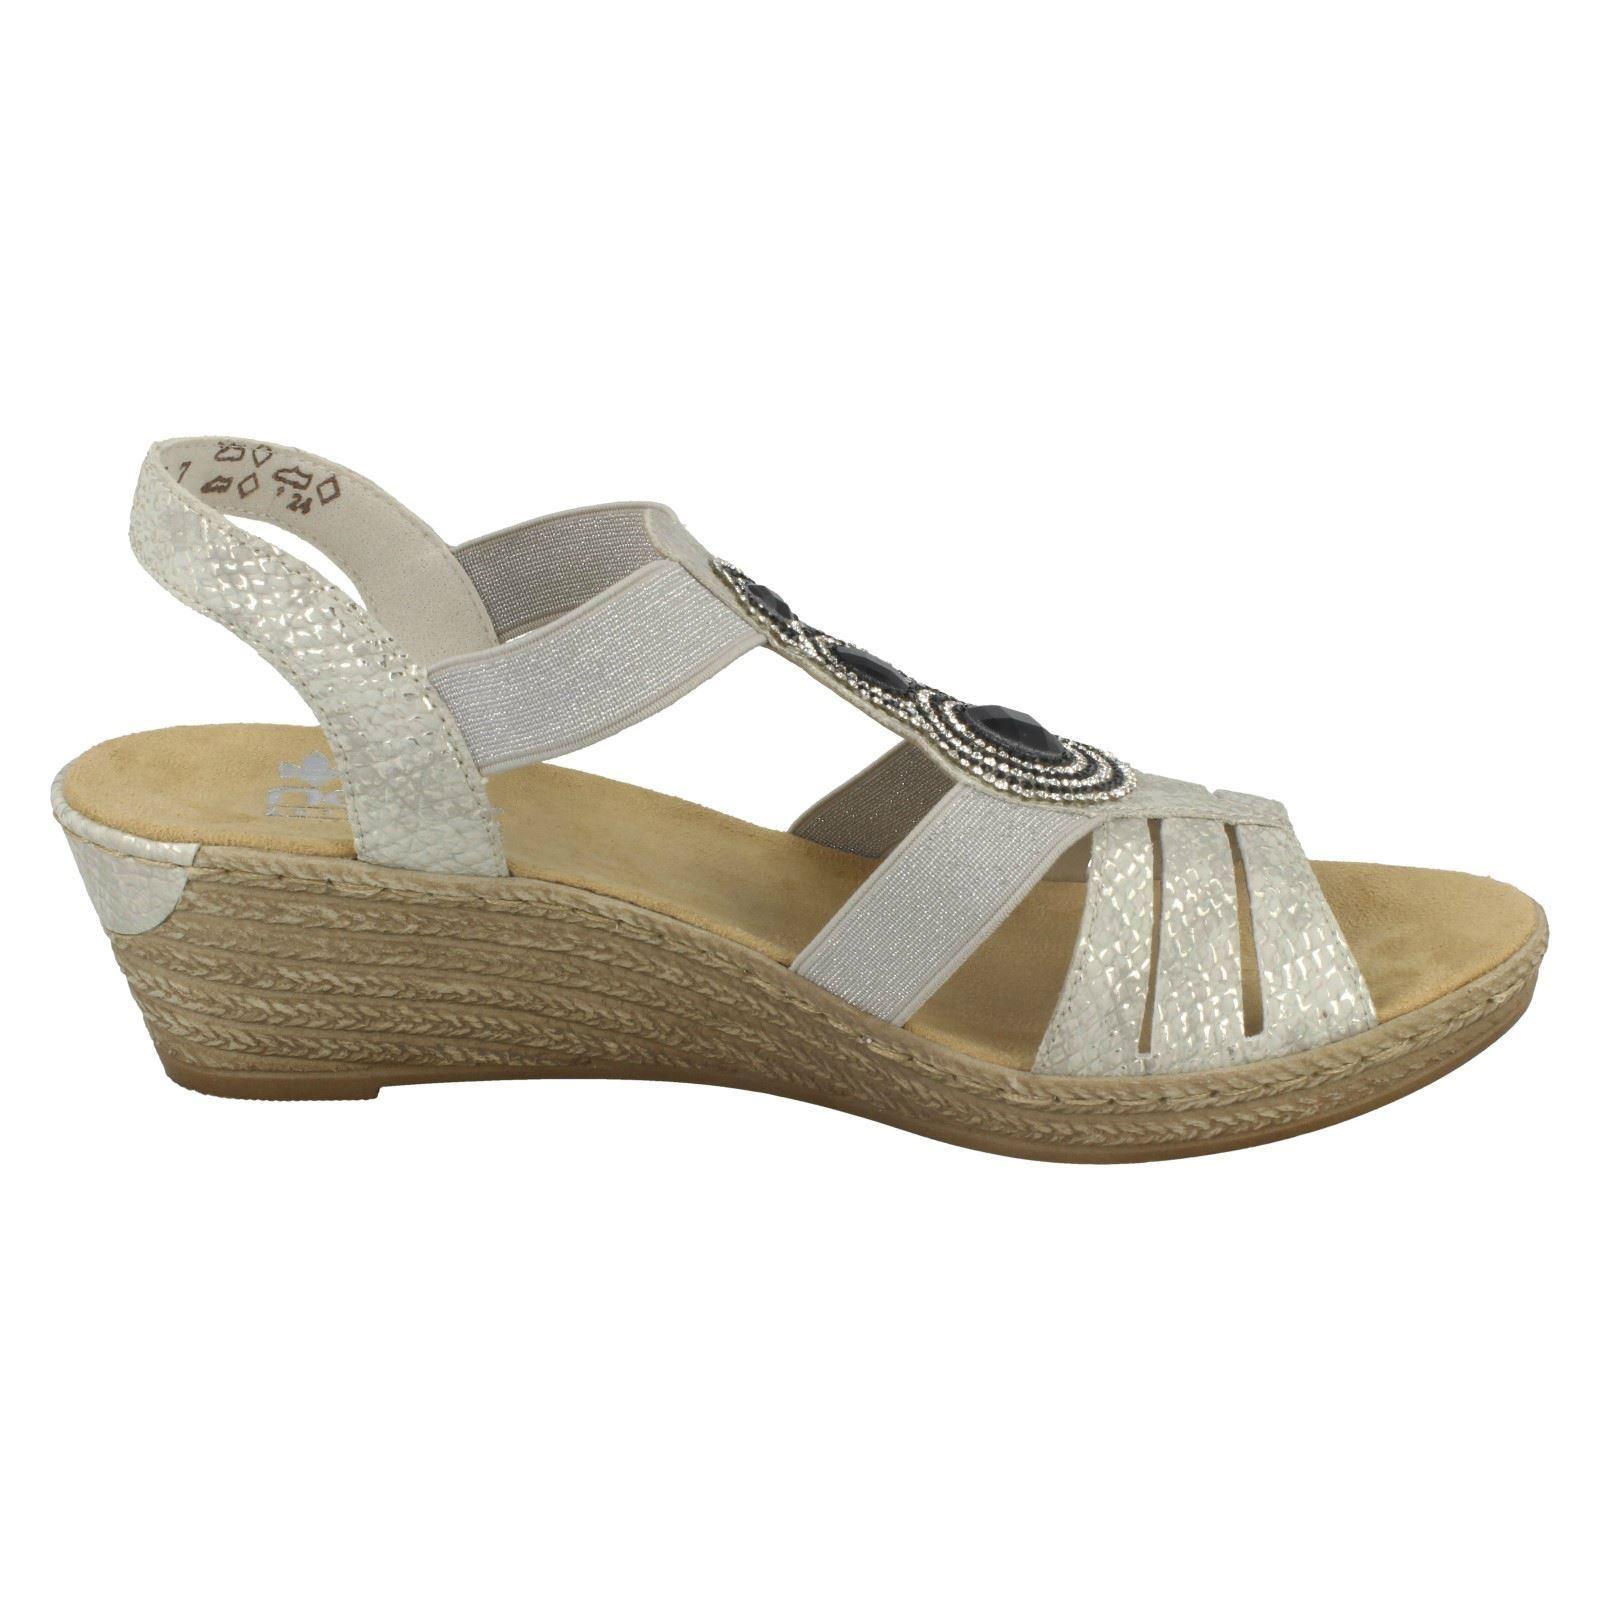 femmes hommes / wedge femmes rieker wedge / sandales, 62459 de conception innovatrice de styles di ffé r ents styles et à faible coût b5b011